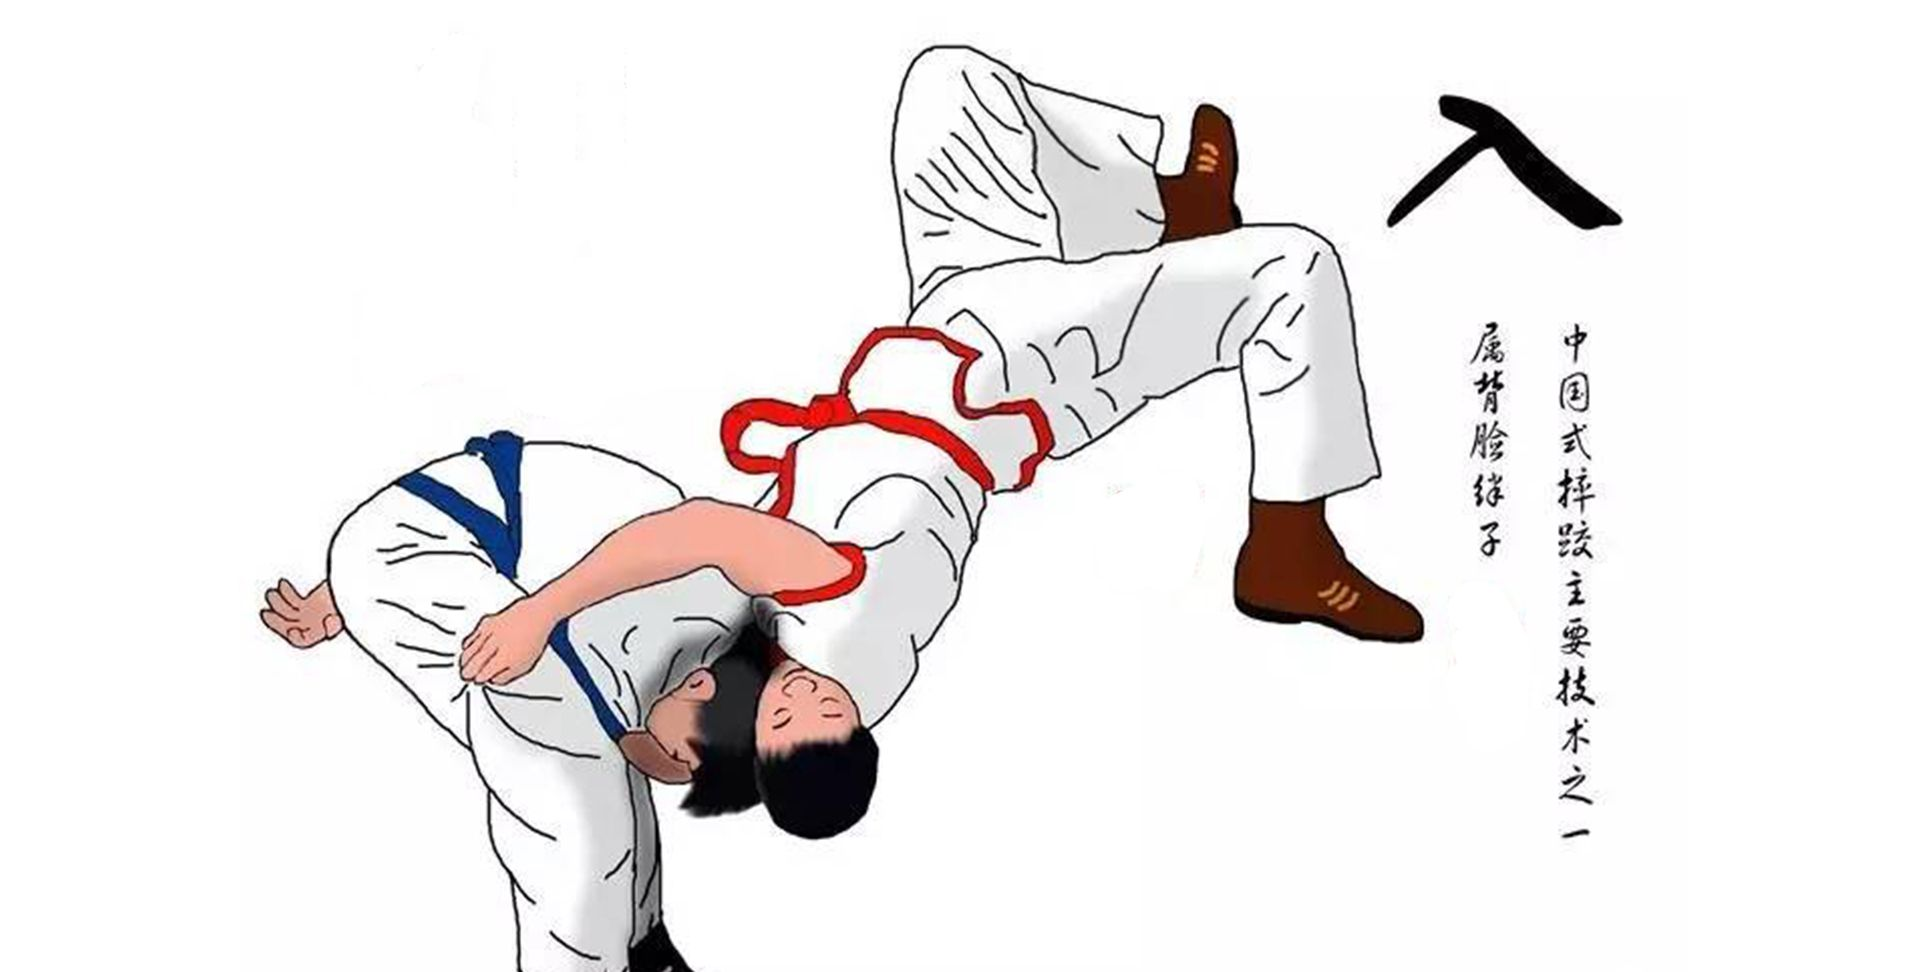 中国式摔跤主要技术图解